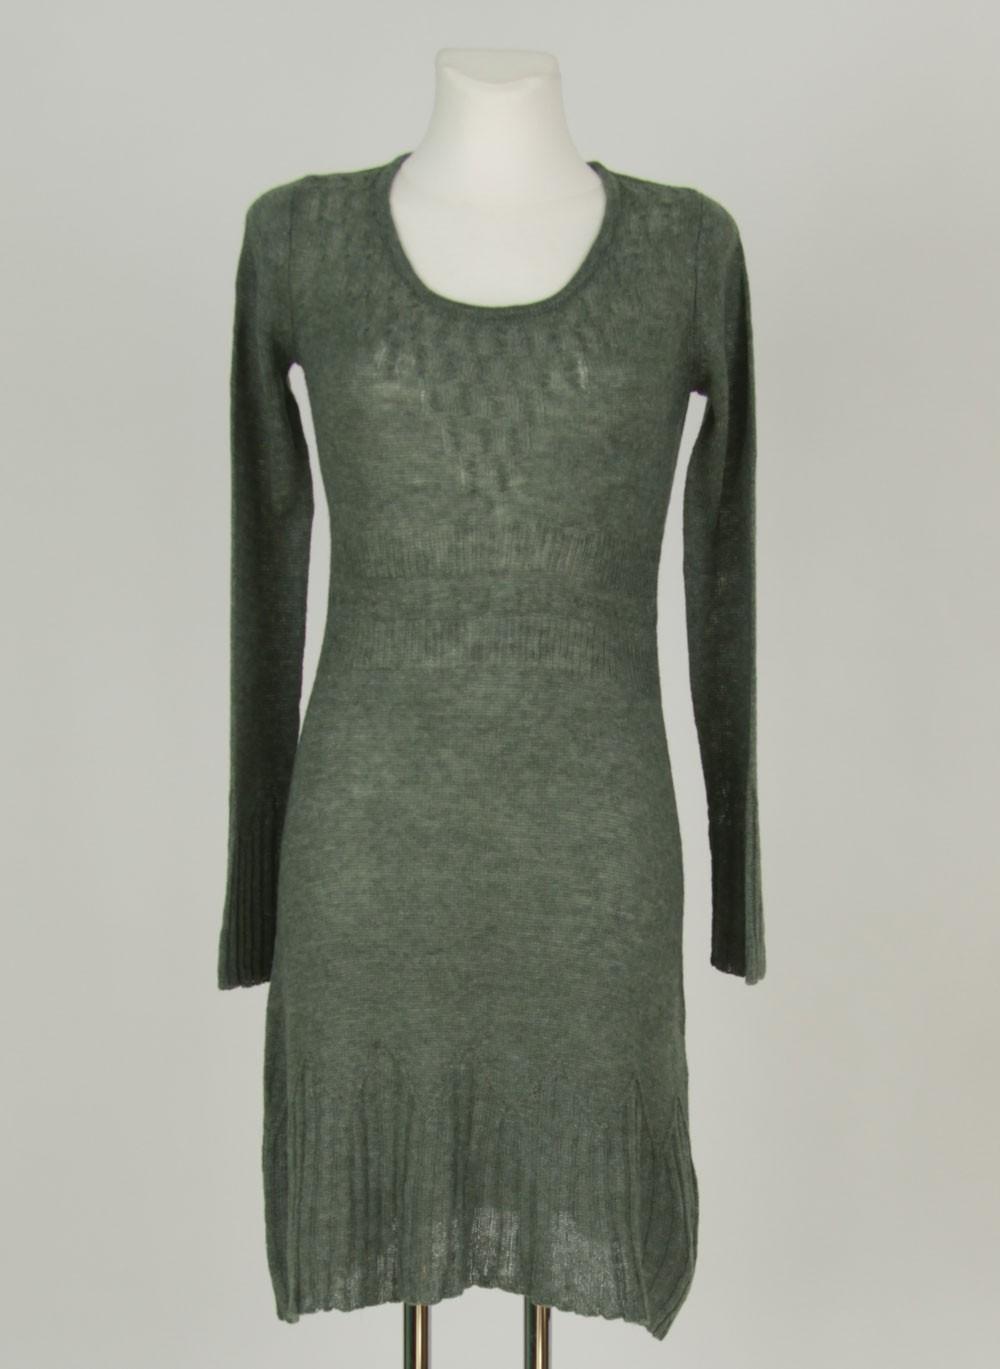 noa noa herbst kleid vintage knit light pine ey linda online shop. Black Bedroom Furniture Sets. Home Design Ideas